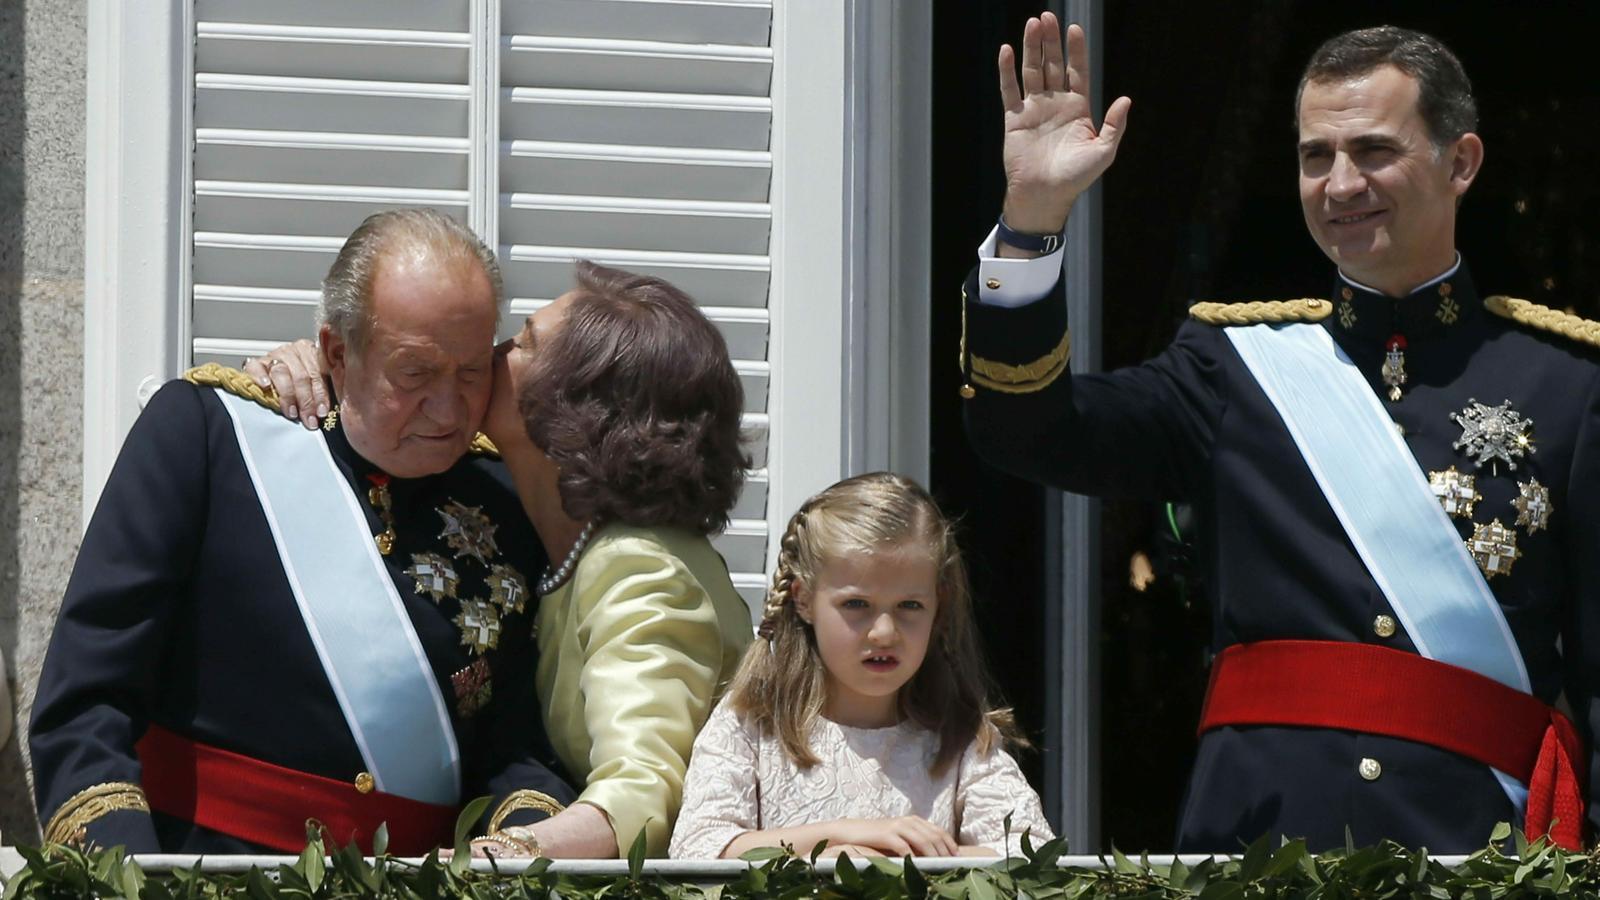 El rei emèrit i el rei Felip VI durant la proclamació d'aquest darrer el 19 de Juny de 2014